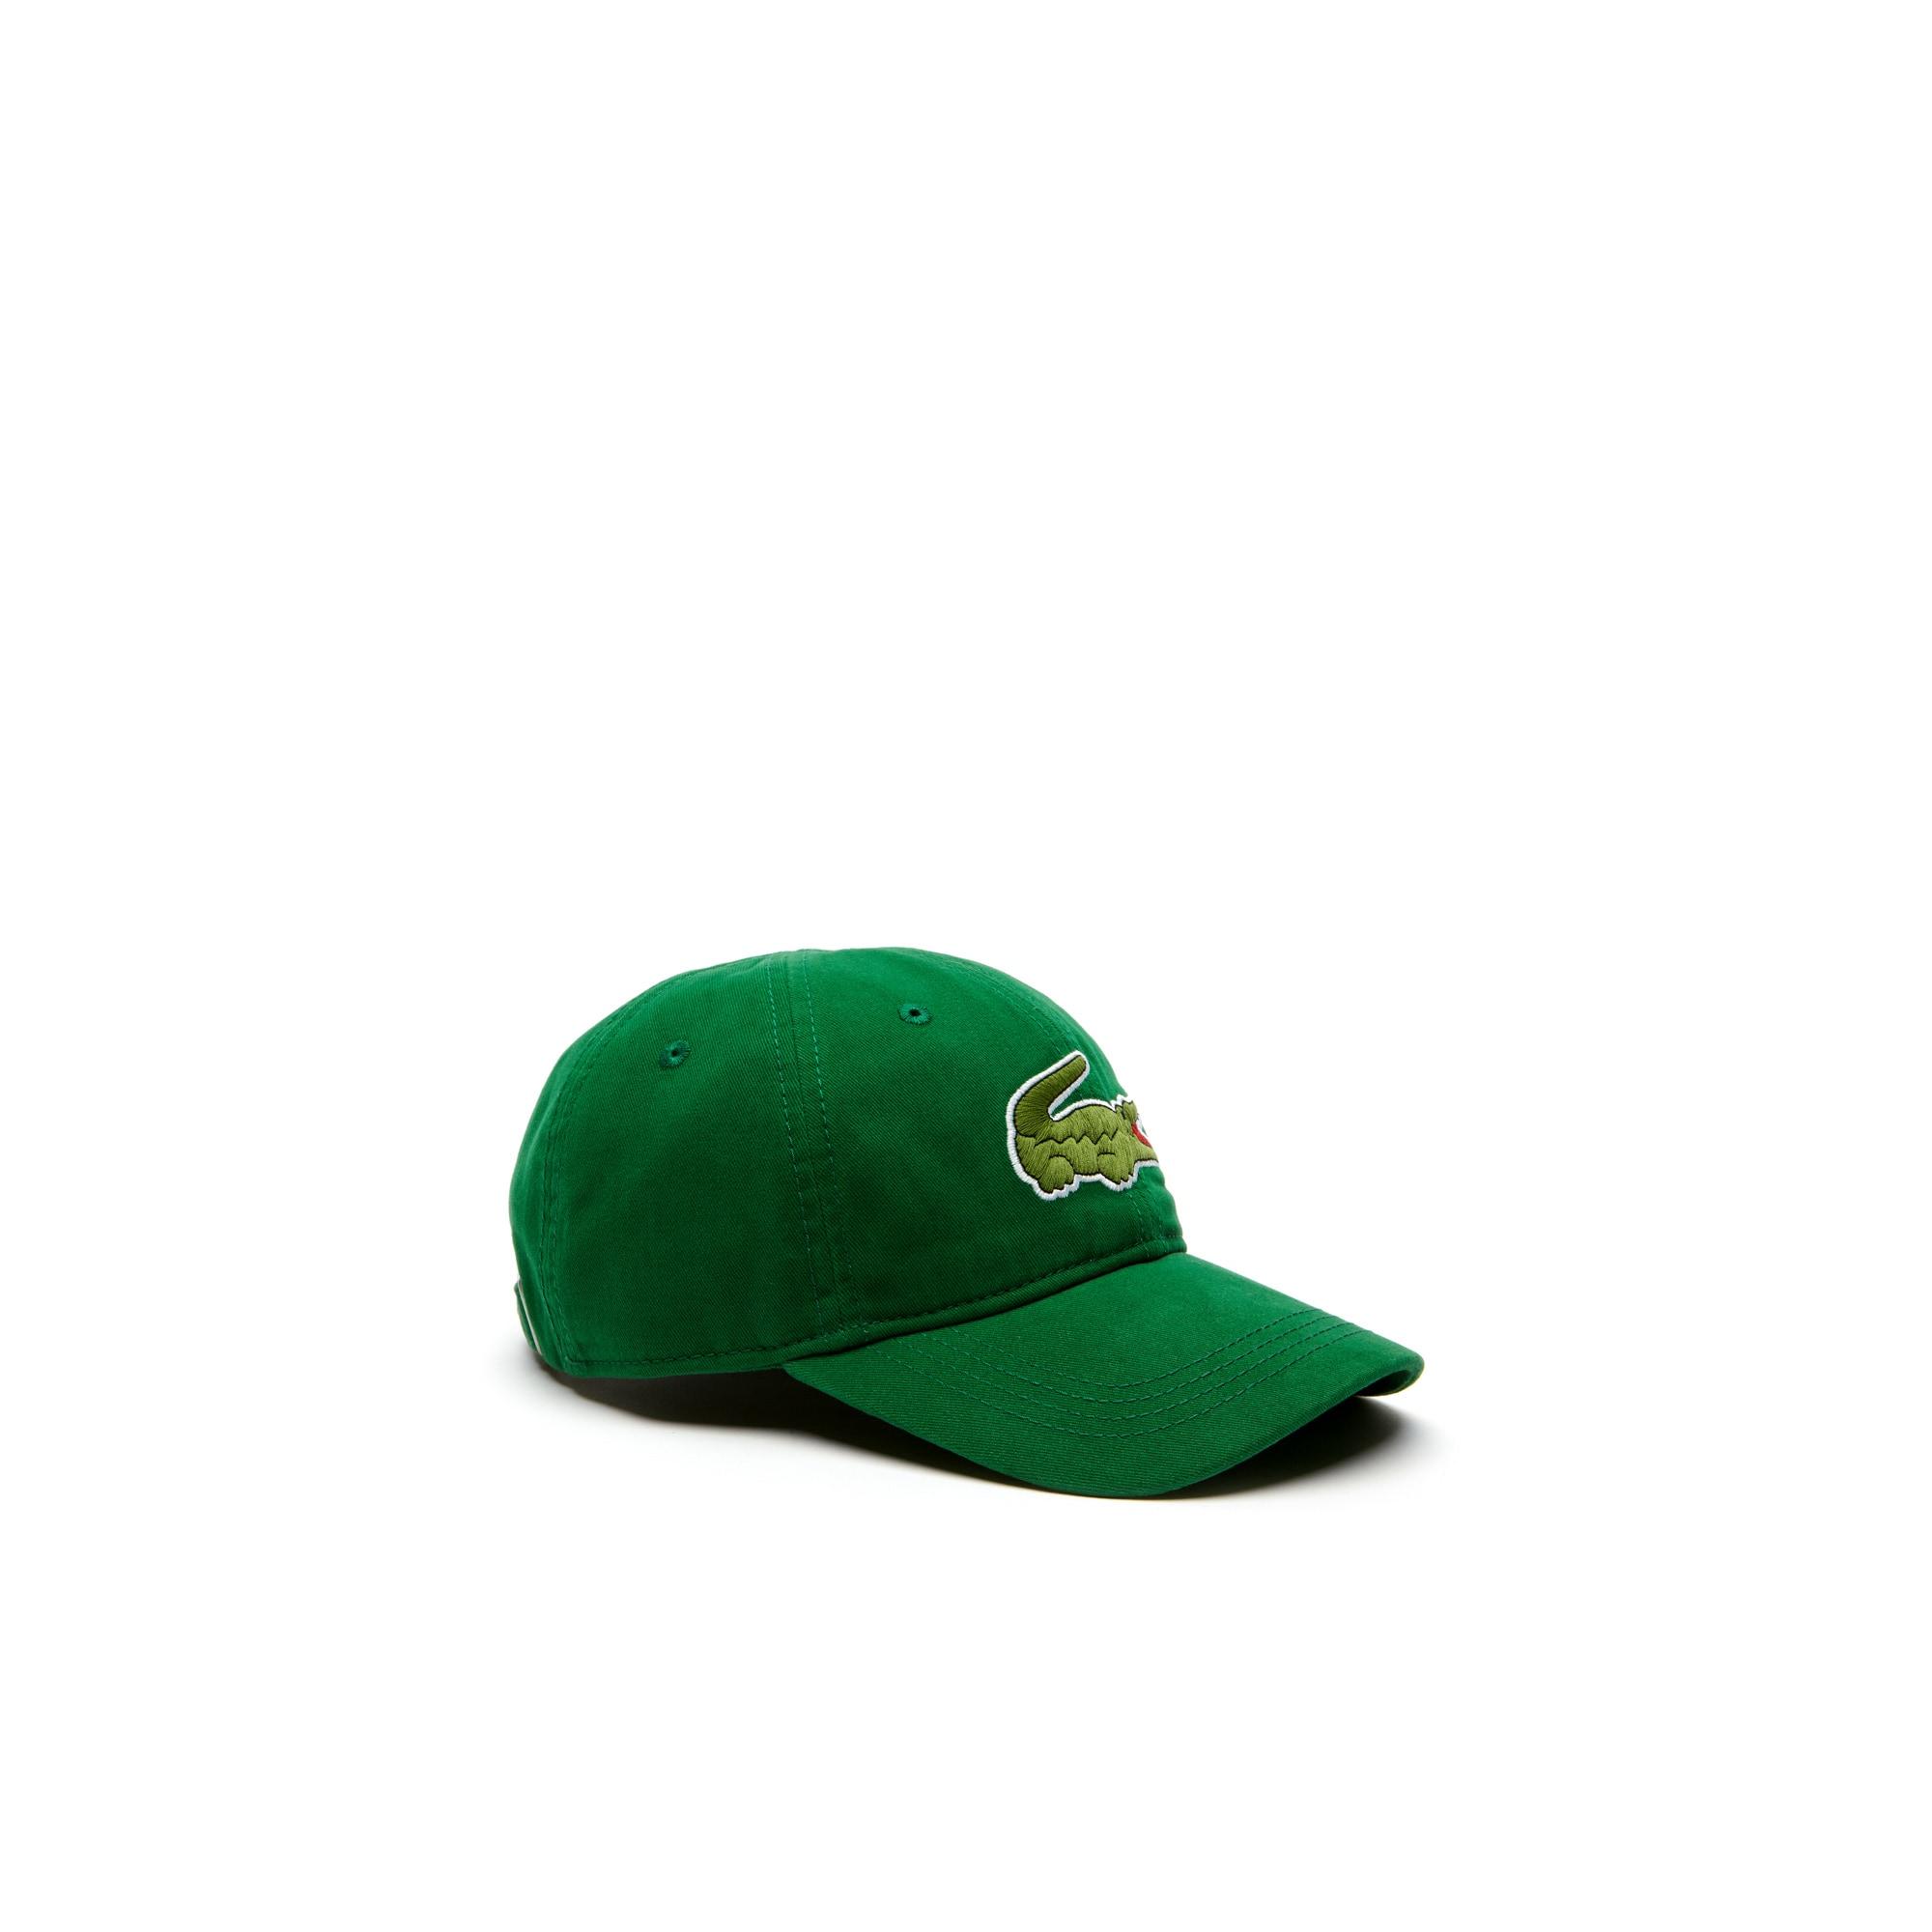 Gorra de gabardina con cocodrilo de gran formato